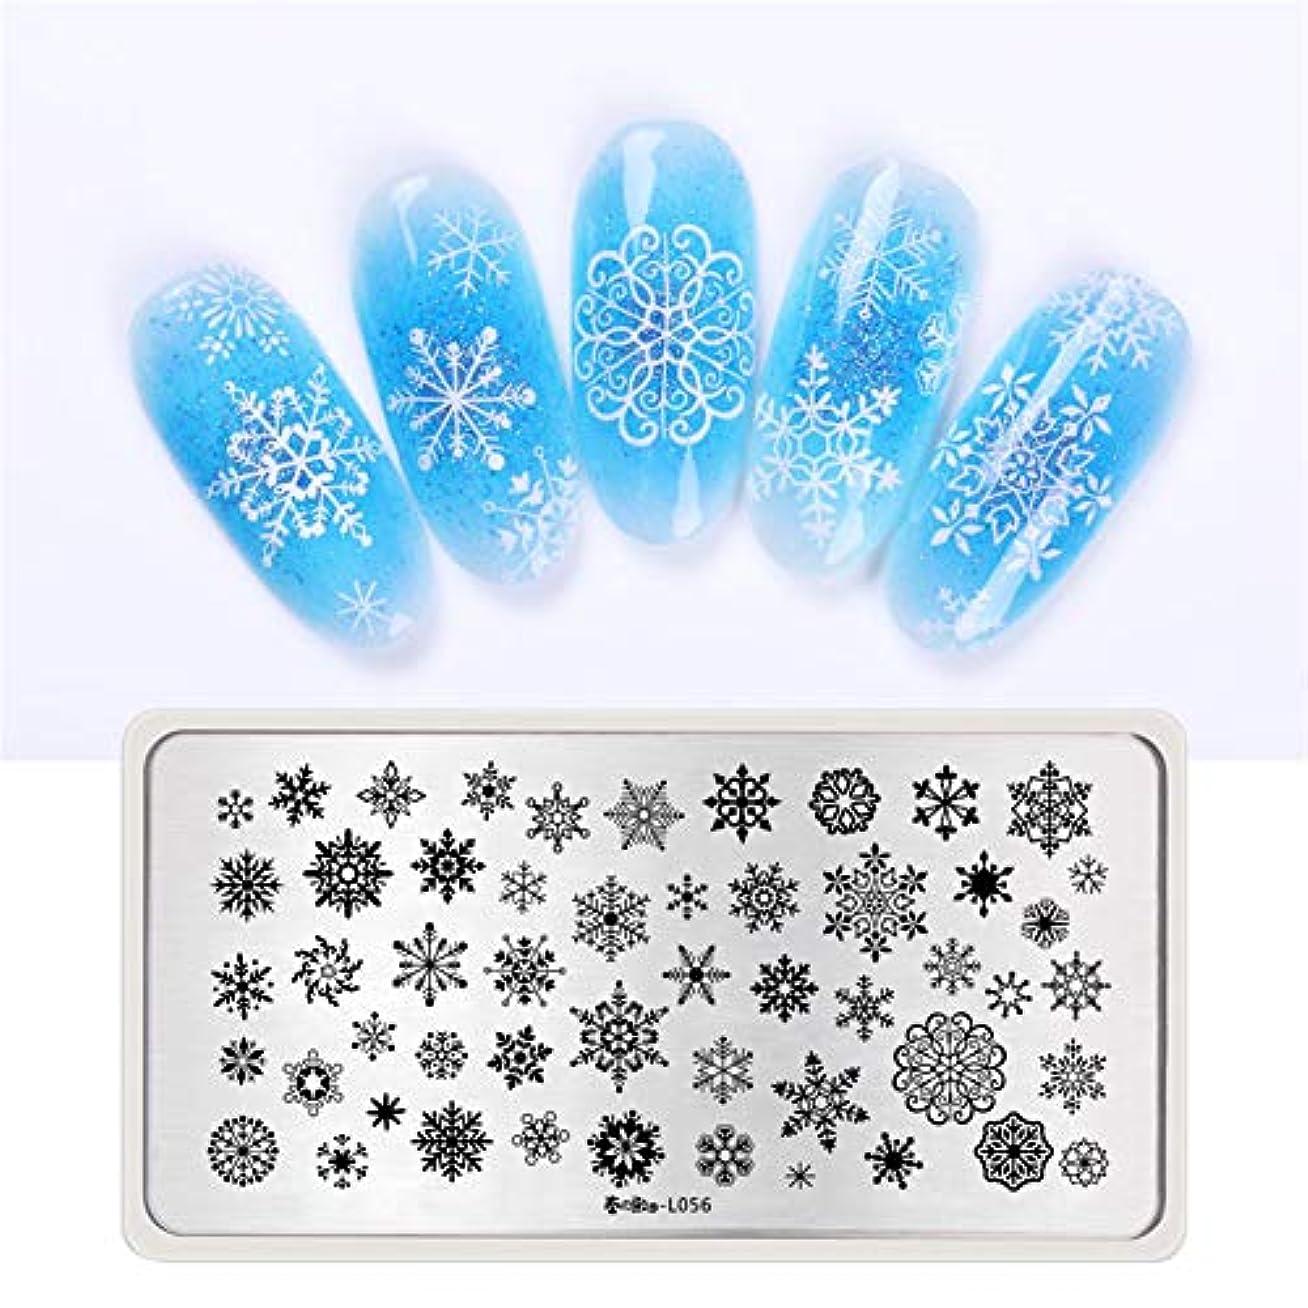 幽霊トリムアベニュー春の歌 スタンププレート クリスマス 雪だるま 雪花 冬ネイル スタンプネイルプレートスタンピングプレートネイル用品